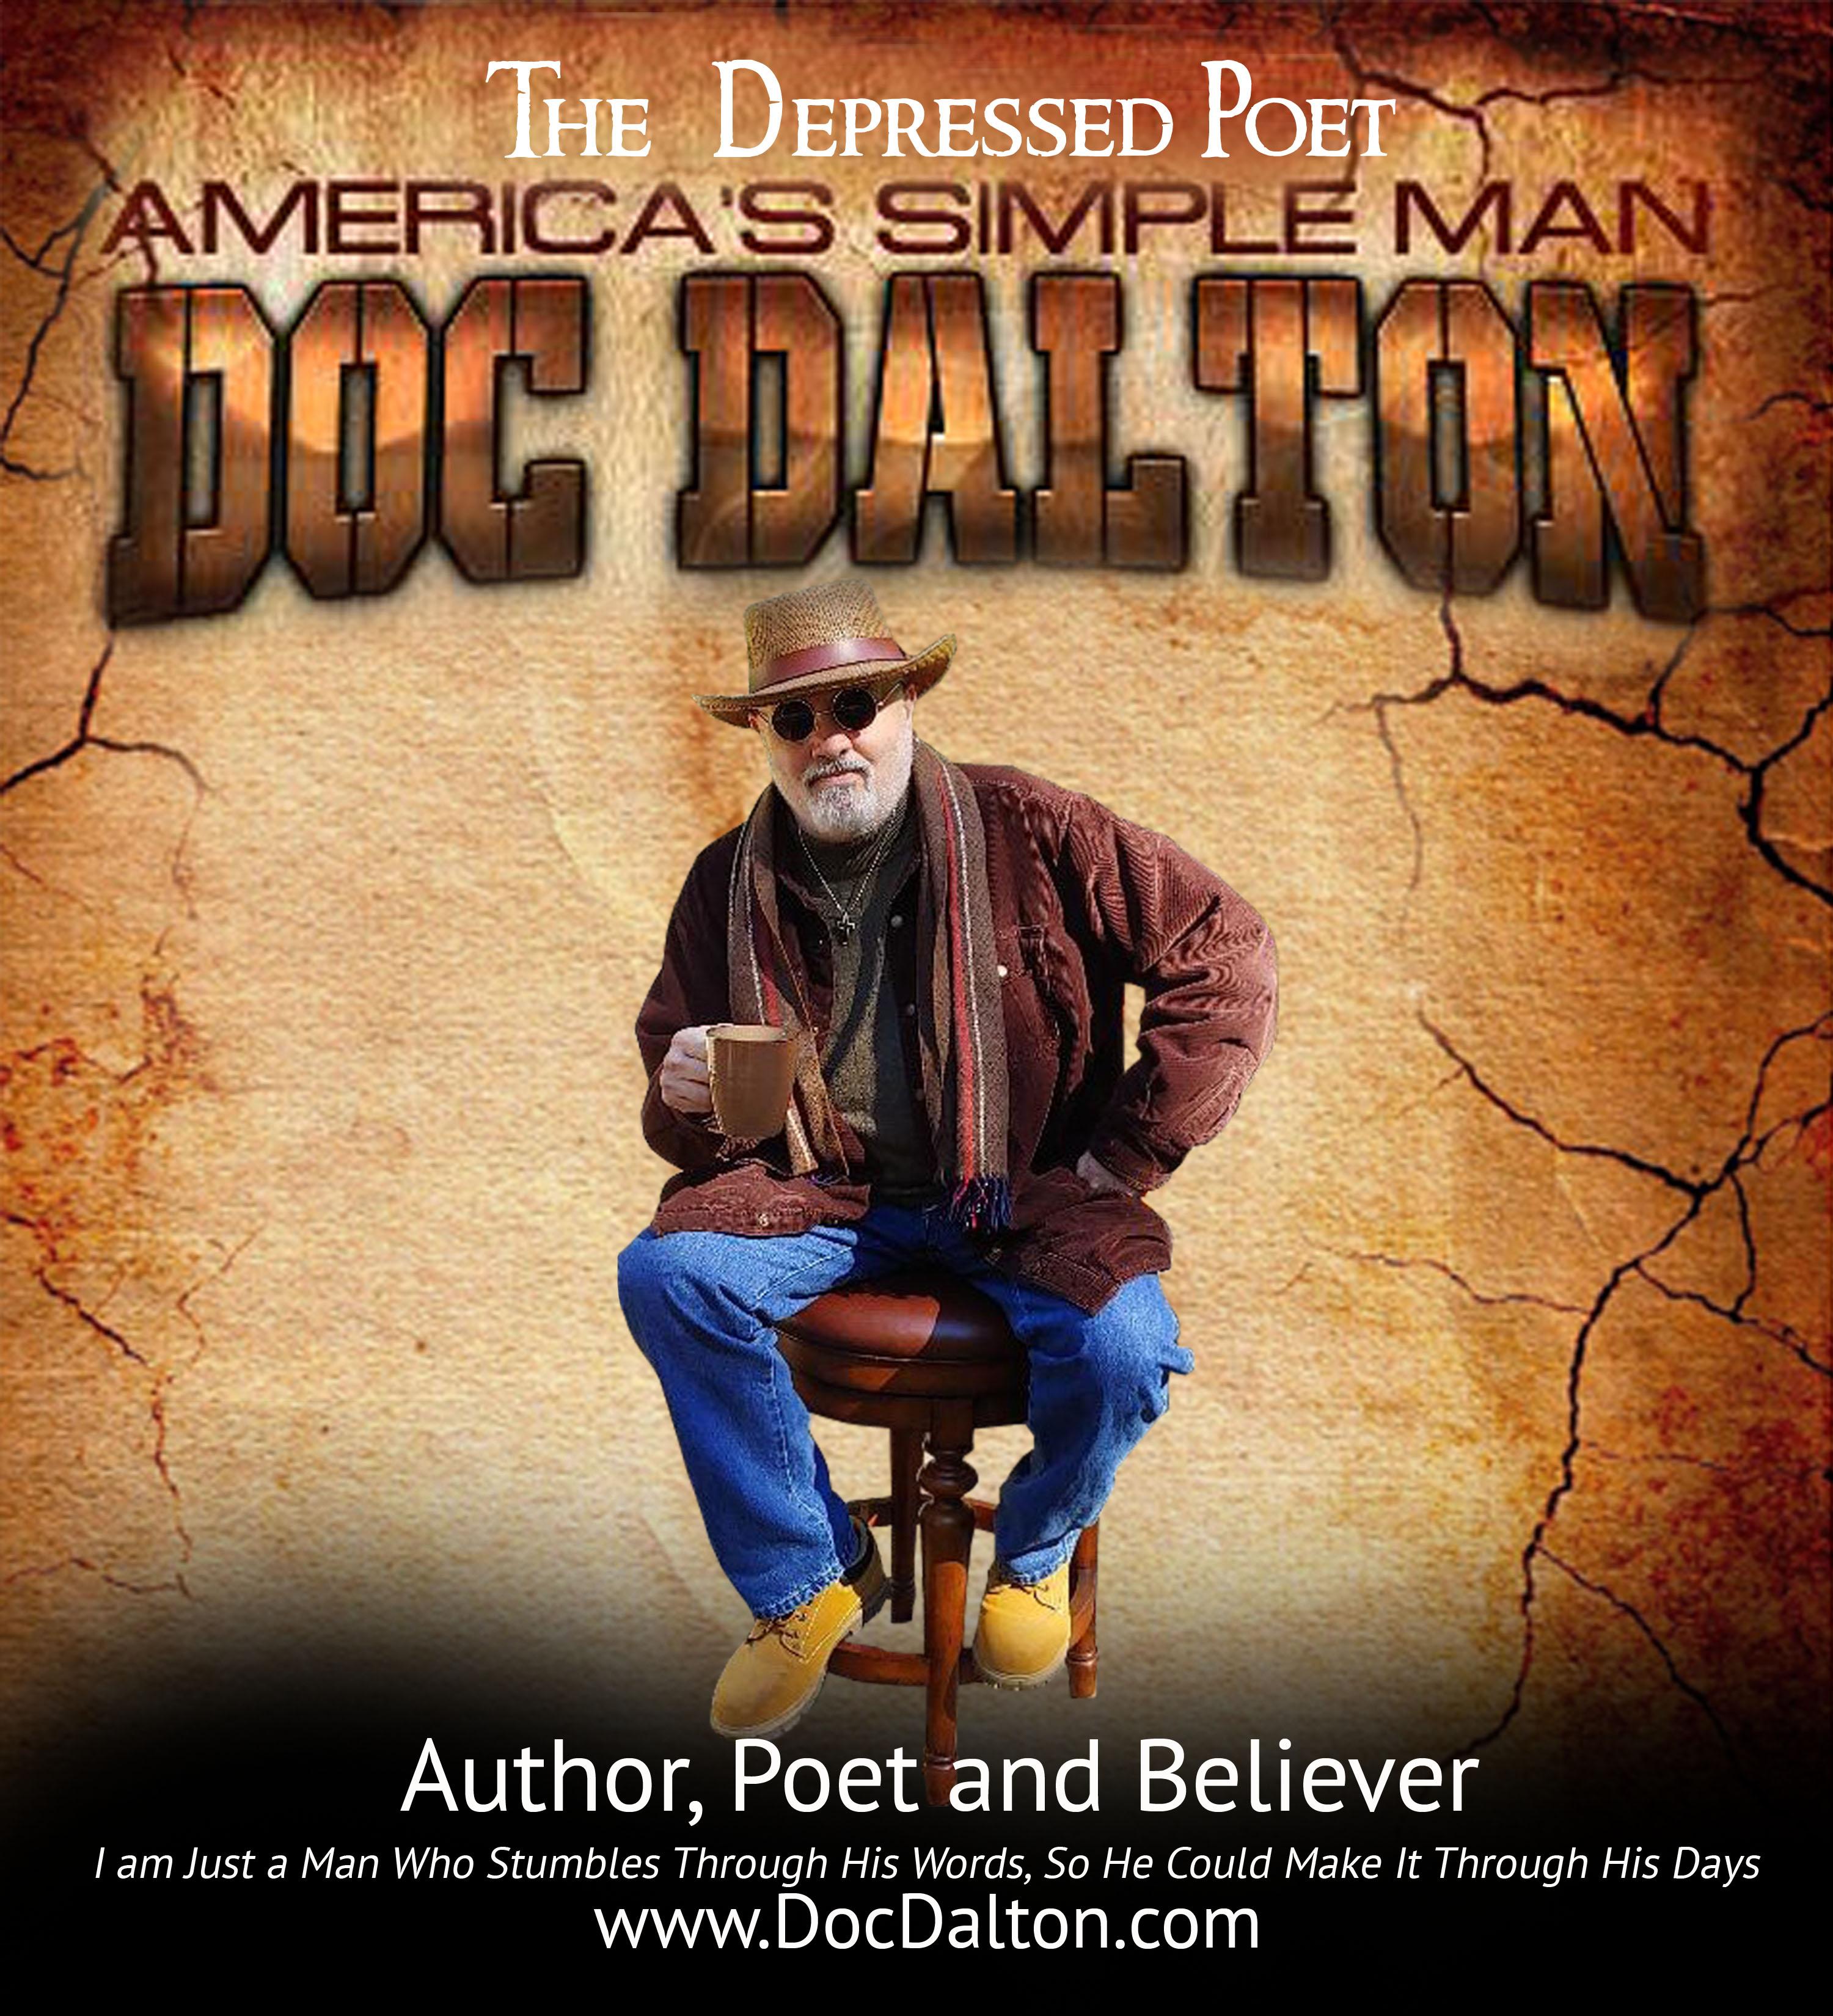 The Depressed Poet - Doc. Dalton